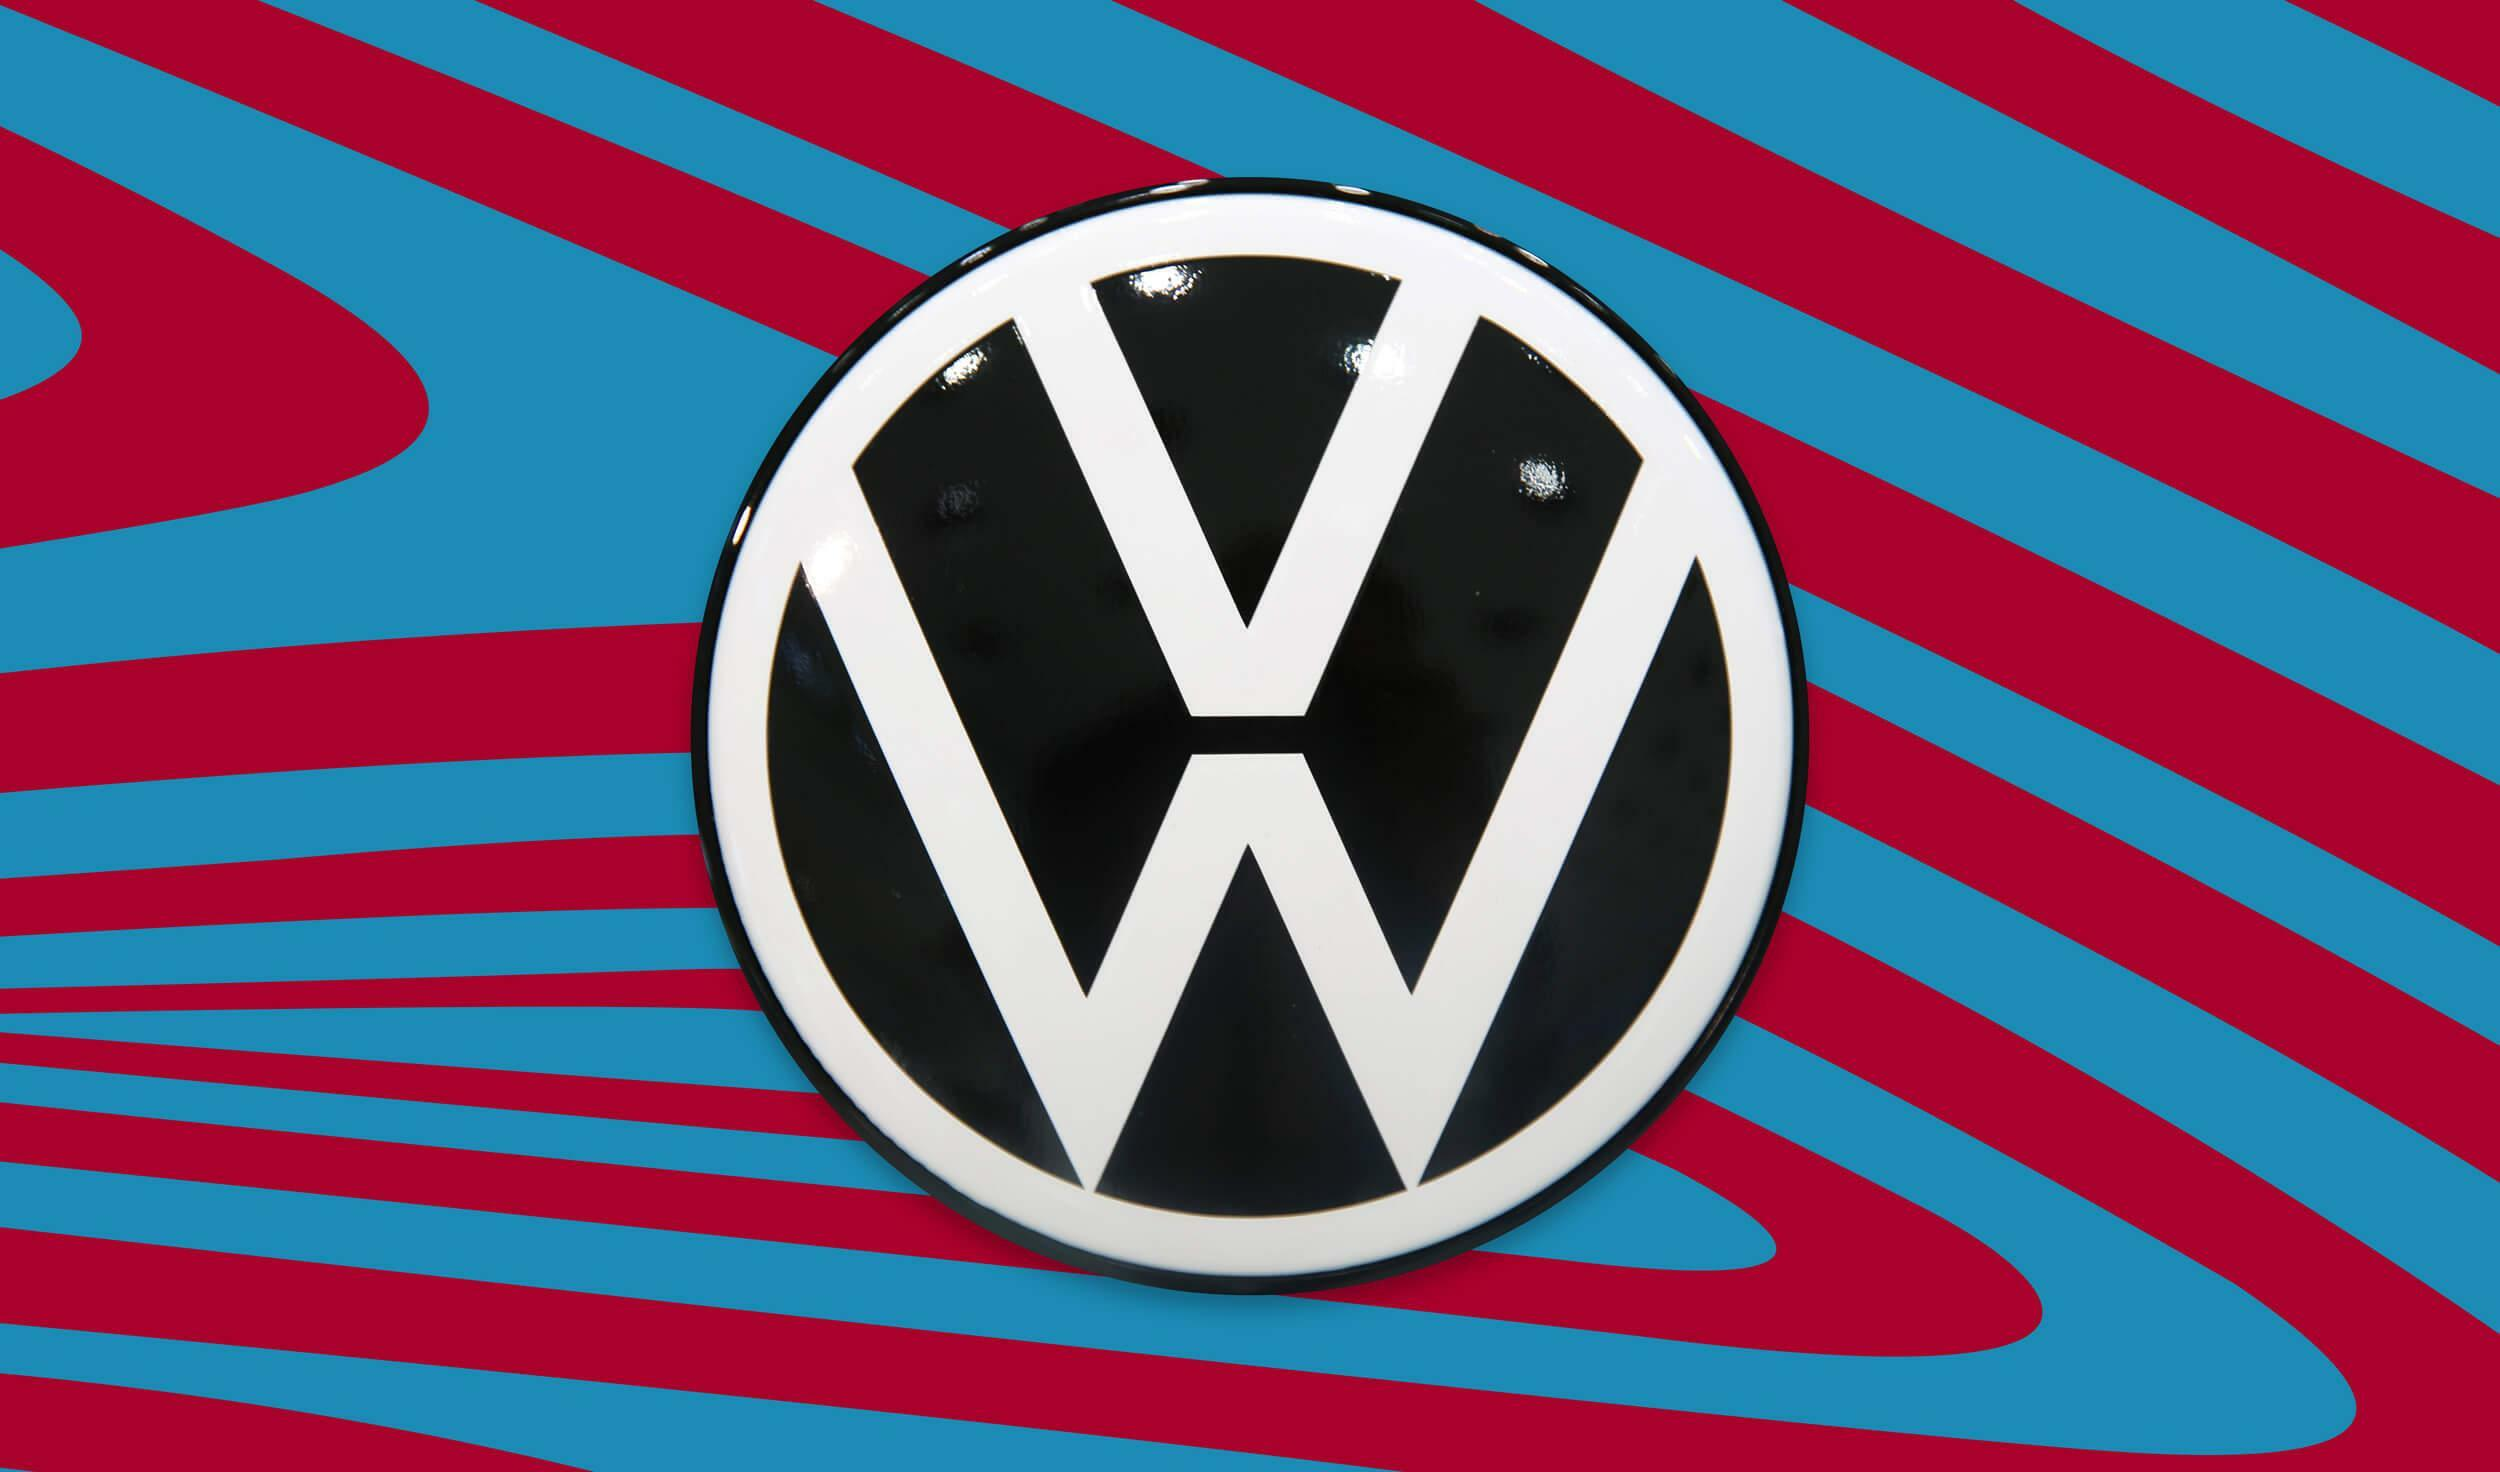 Ausgangspunkt für die Neugestaltung des neuen VW-Logos